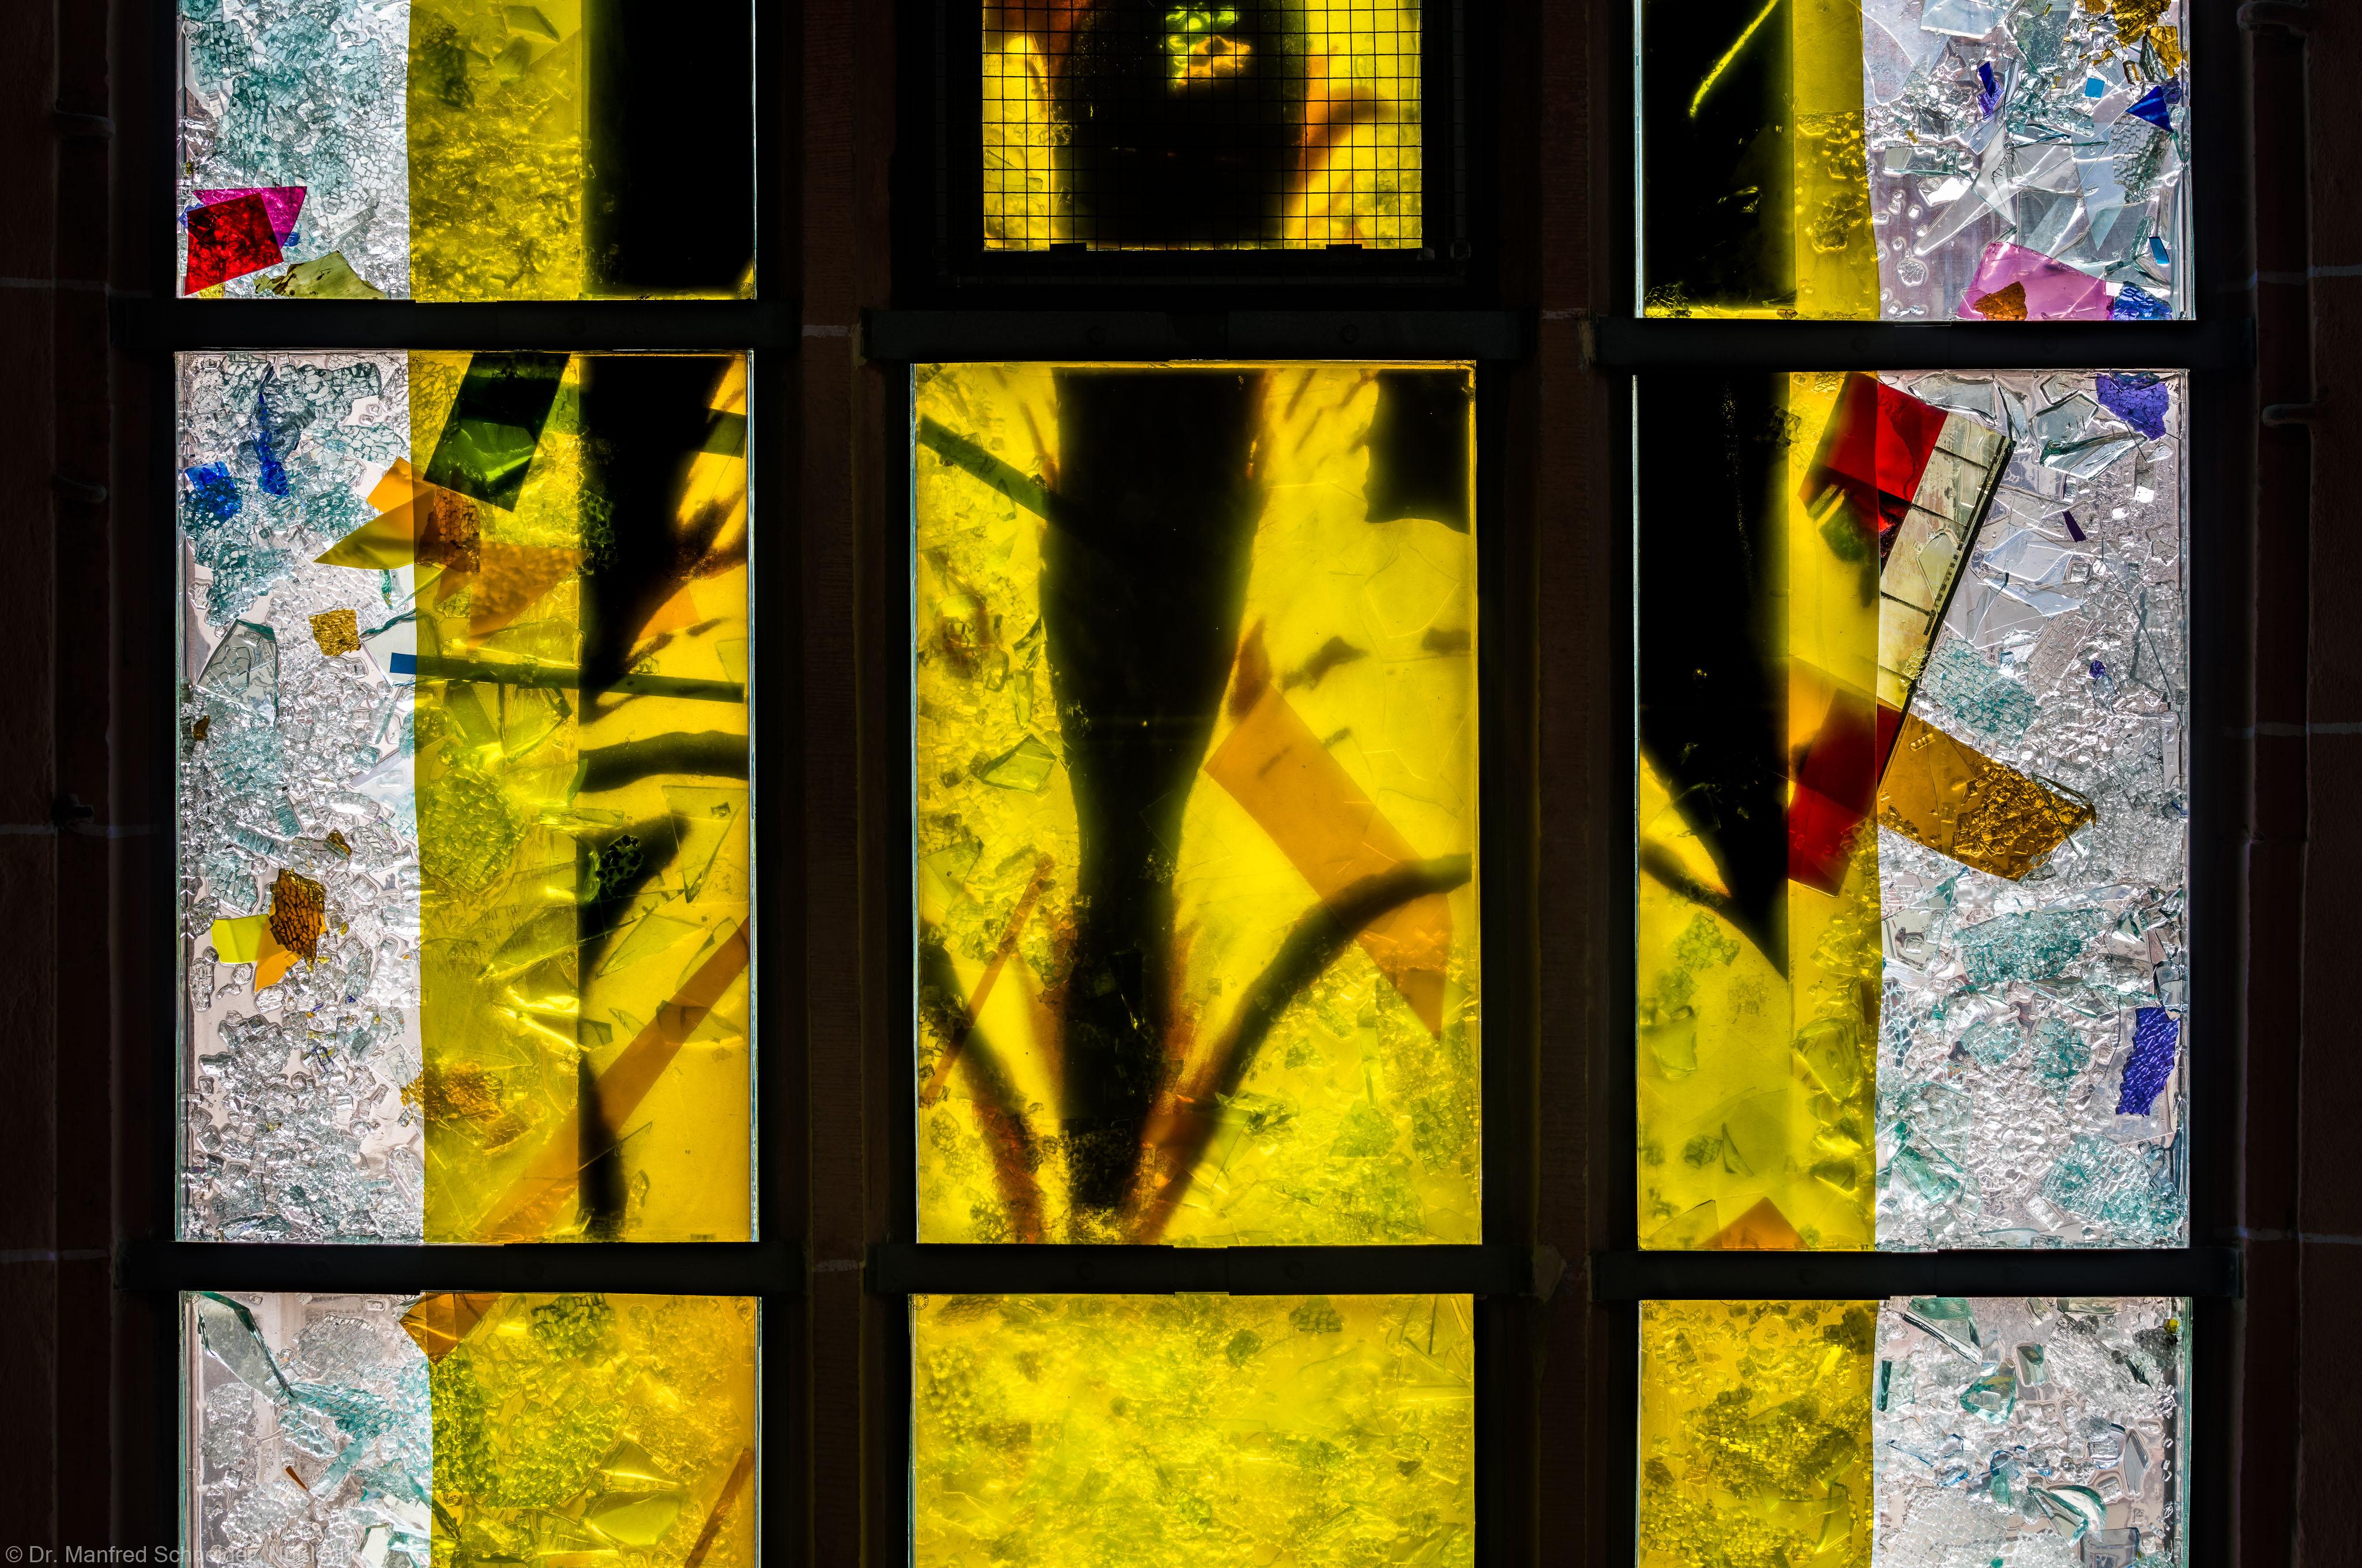 """Heidelberg - Heiliggeistkirche - Nordschiff - 3. Joch, von Westen aus gezählt - Dritte Zeile des Fensters """"Schöpfungsgeschichte - Gott sprach: es werde Licht"""" von Hella De Santarossa (aufgenommen im Oktober 2015, am Vormittag)"""